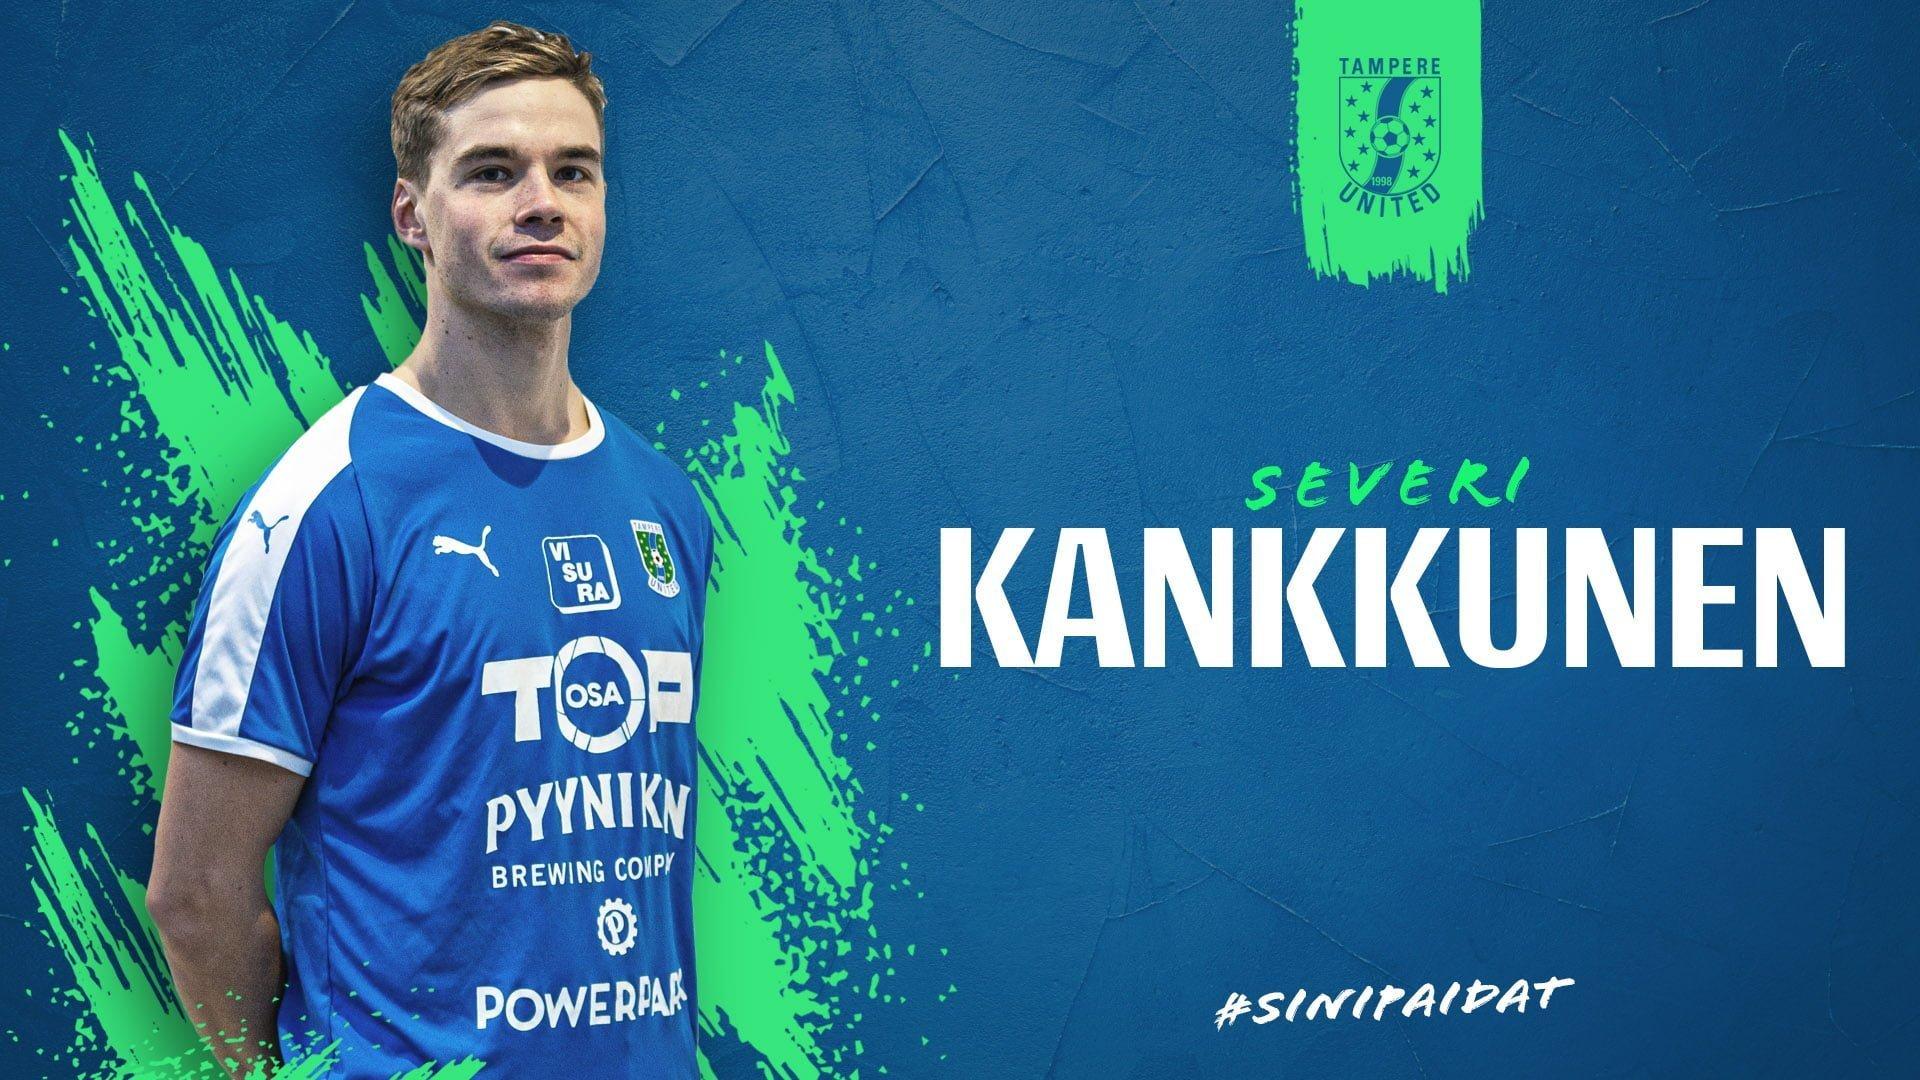 Toppari Severi Kankkunen jatkaa Tampere Unitedissa -uutiskuva